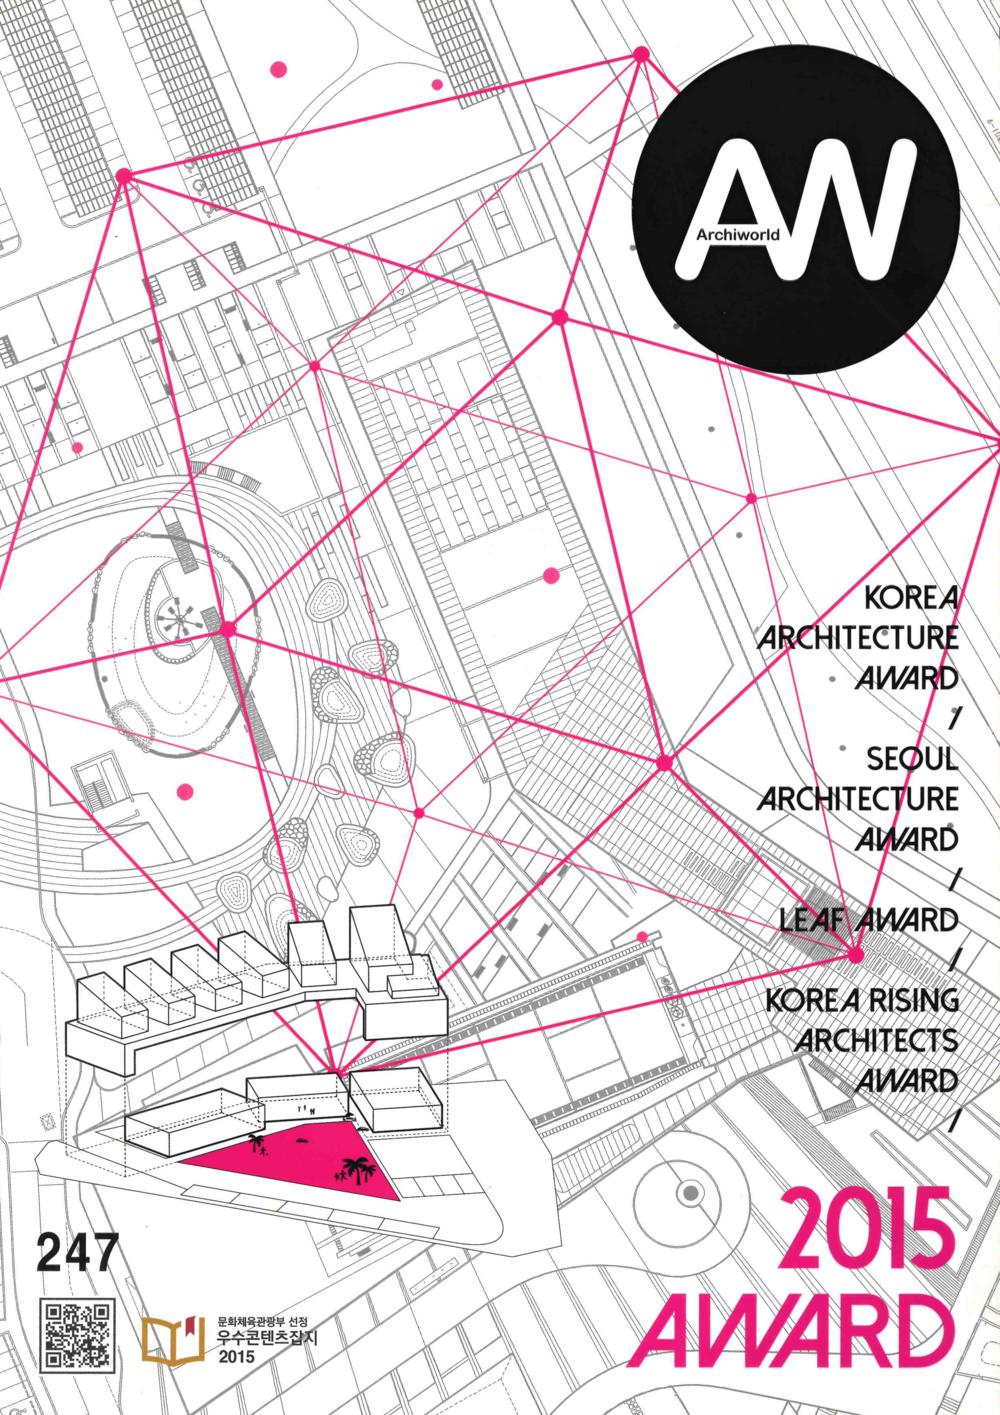 AW (Archiworld) 2015 AWARD   ERIDU